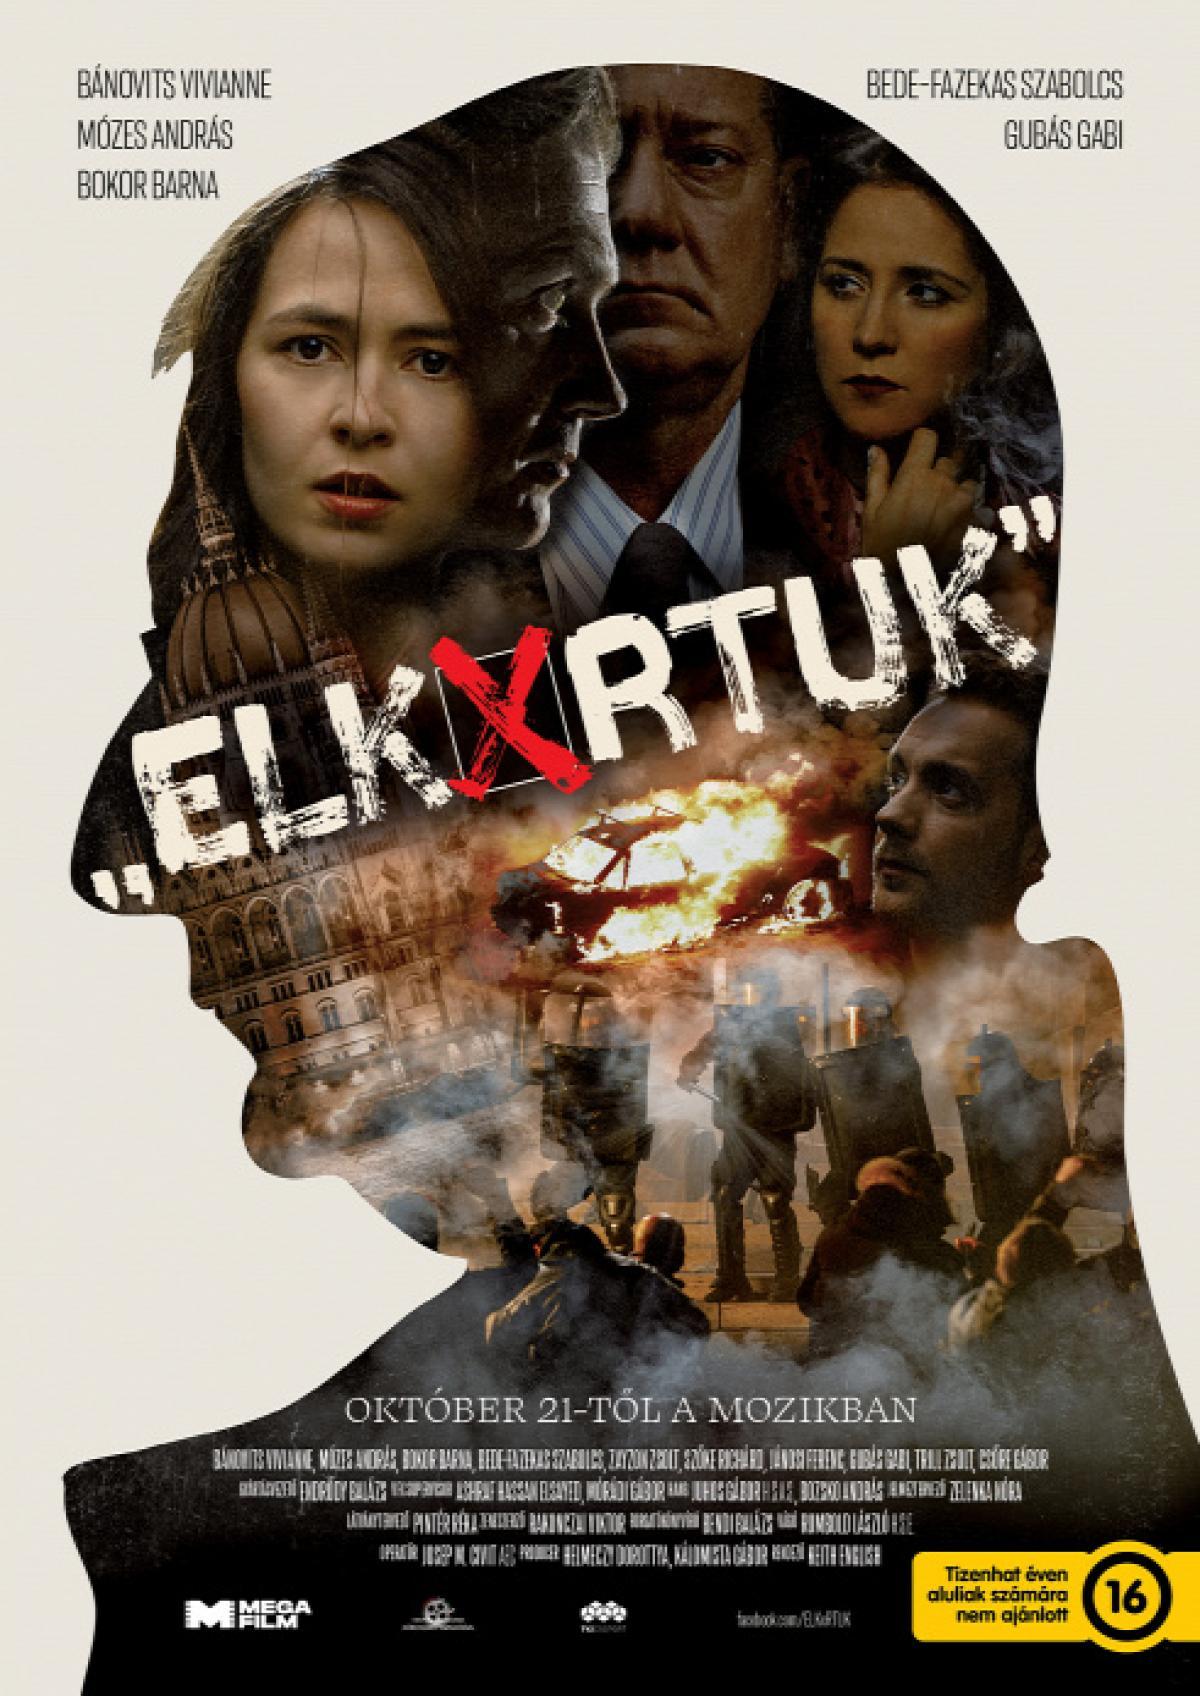 Elkészült az Elkúrtuk című mozifilm plakátja és trailere, a film bemutatójának ideje is megvan